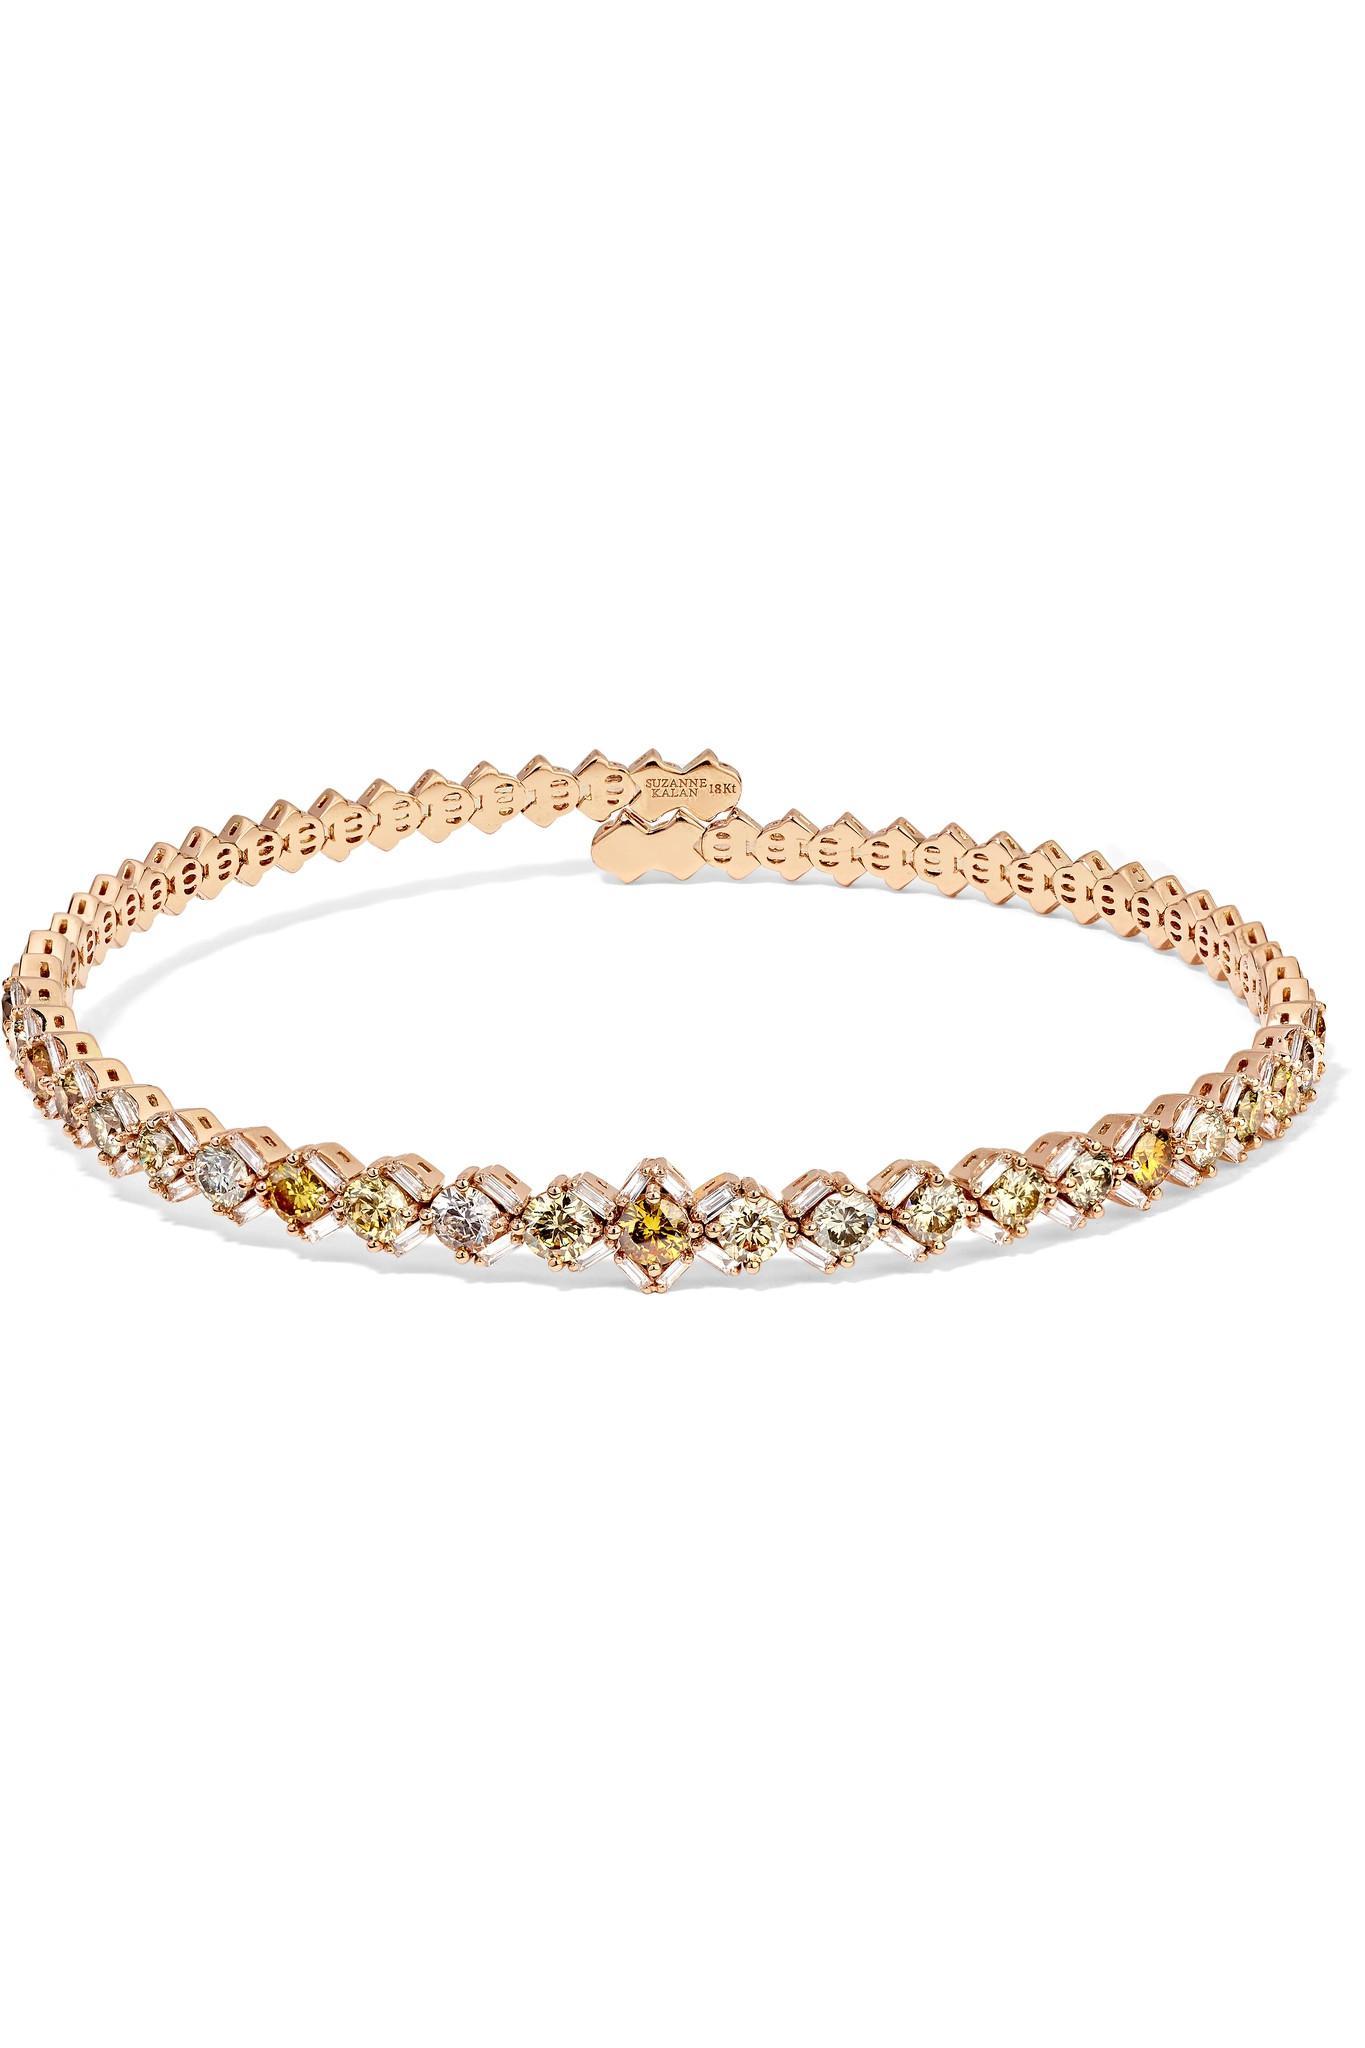 851bc929c9 Suzanne Kalan 18-karat Rose Gold Diamond Choker in Metallic - Lyst